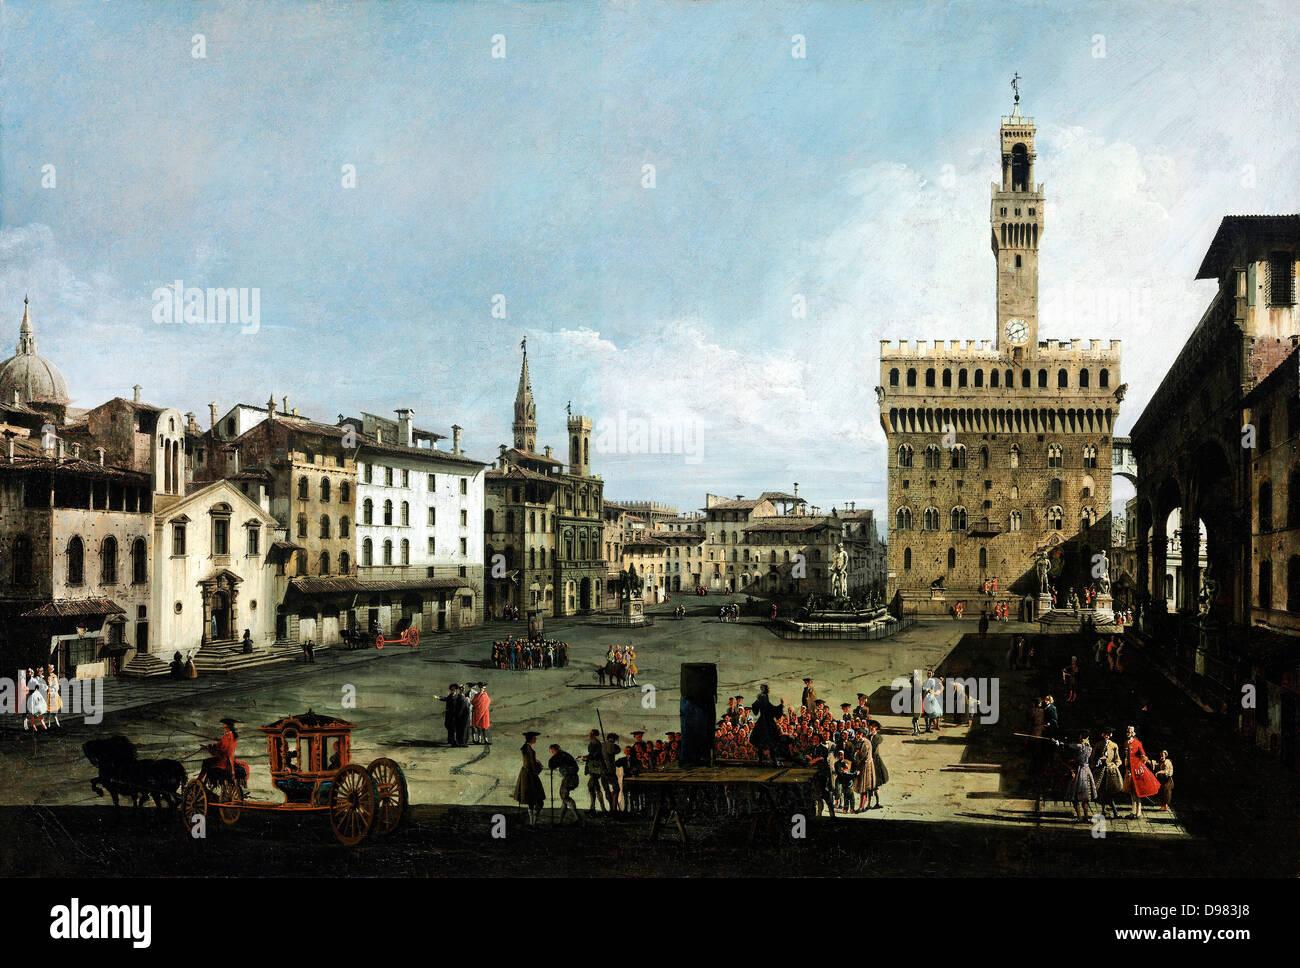 Bernardo Bellotto, chiamato il Canaletto, di Piazza della Signoria a Firenze 1742 olio su tela. Museo di Belle Arti di Budapest. Foto Stock